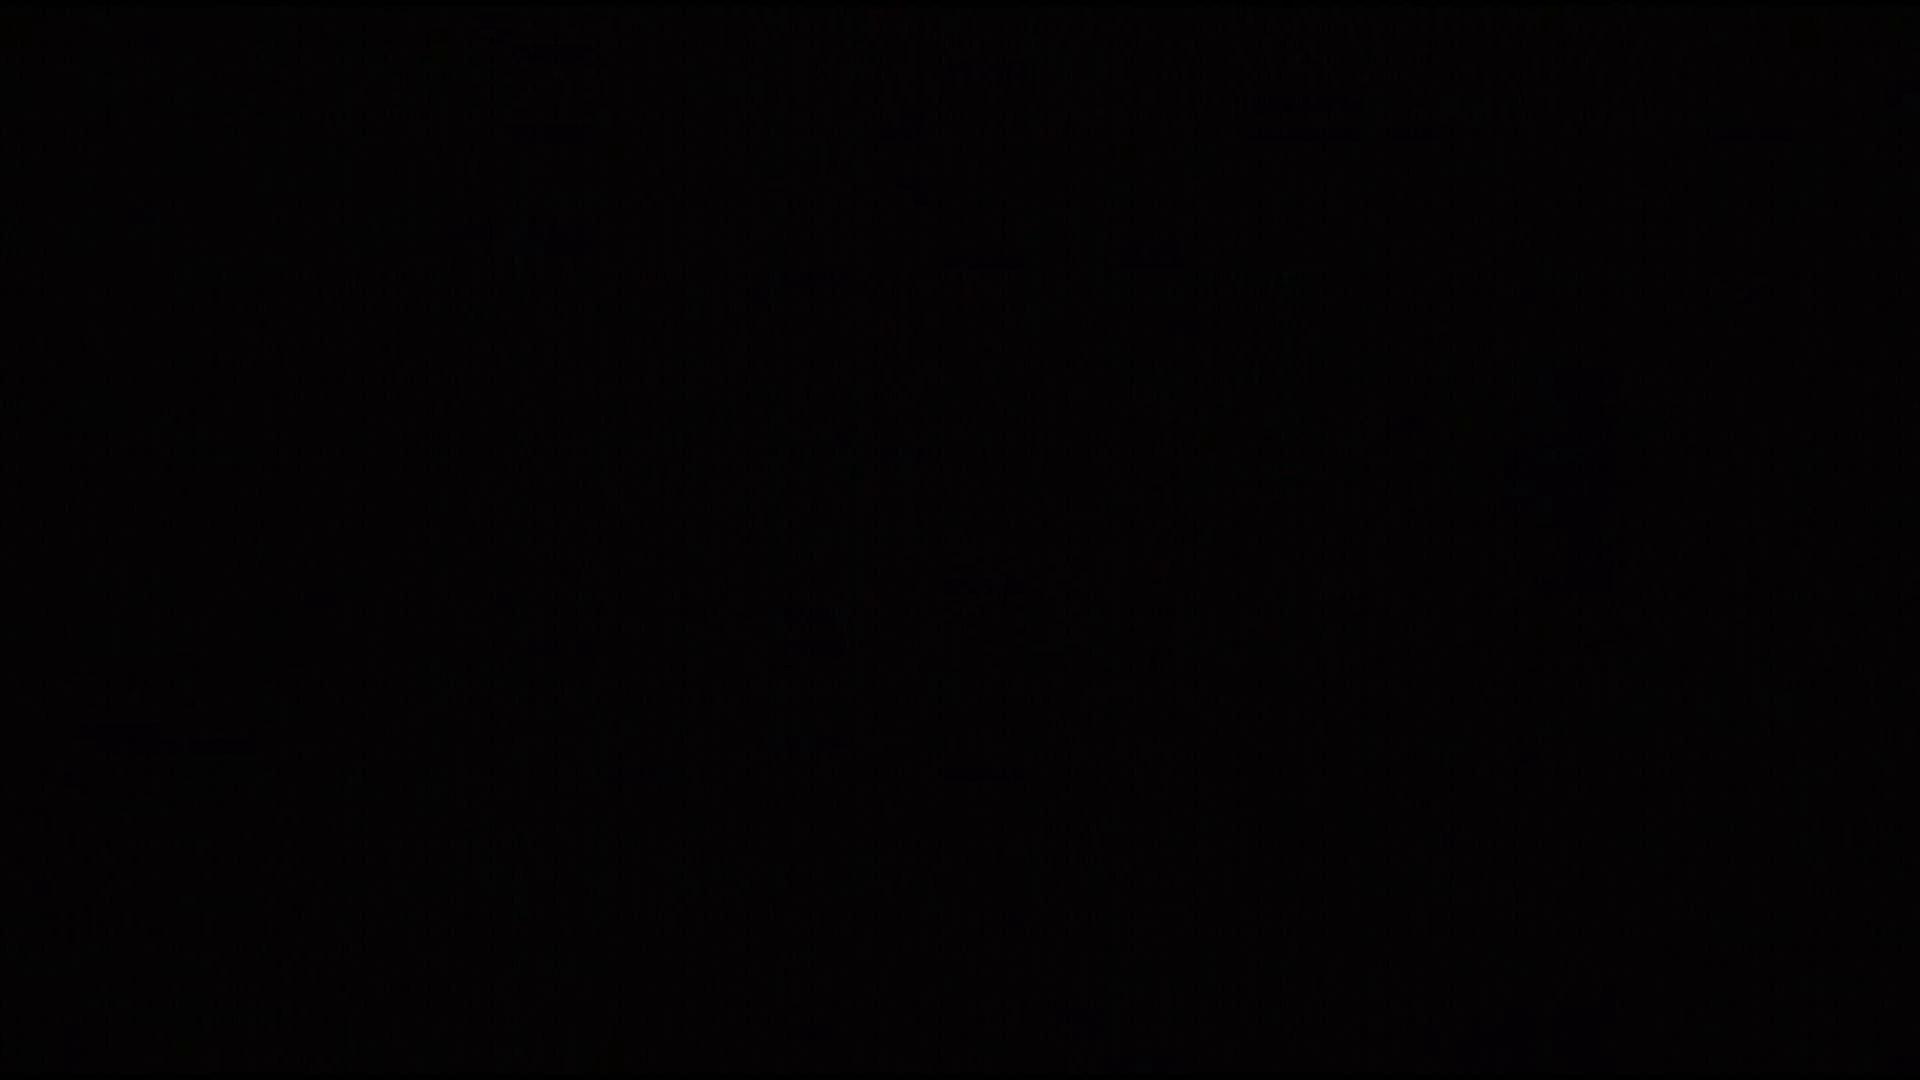 民家の騎士さんの最後の性戦ハイビジョン!!No.47 覗き われめAV動画紹介 91枚